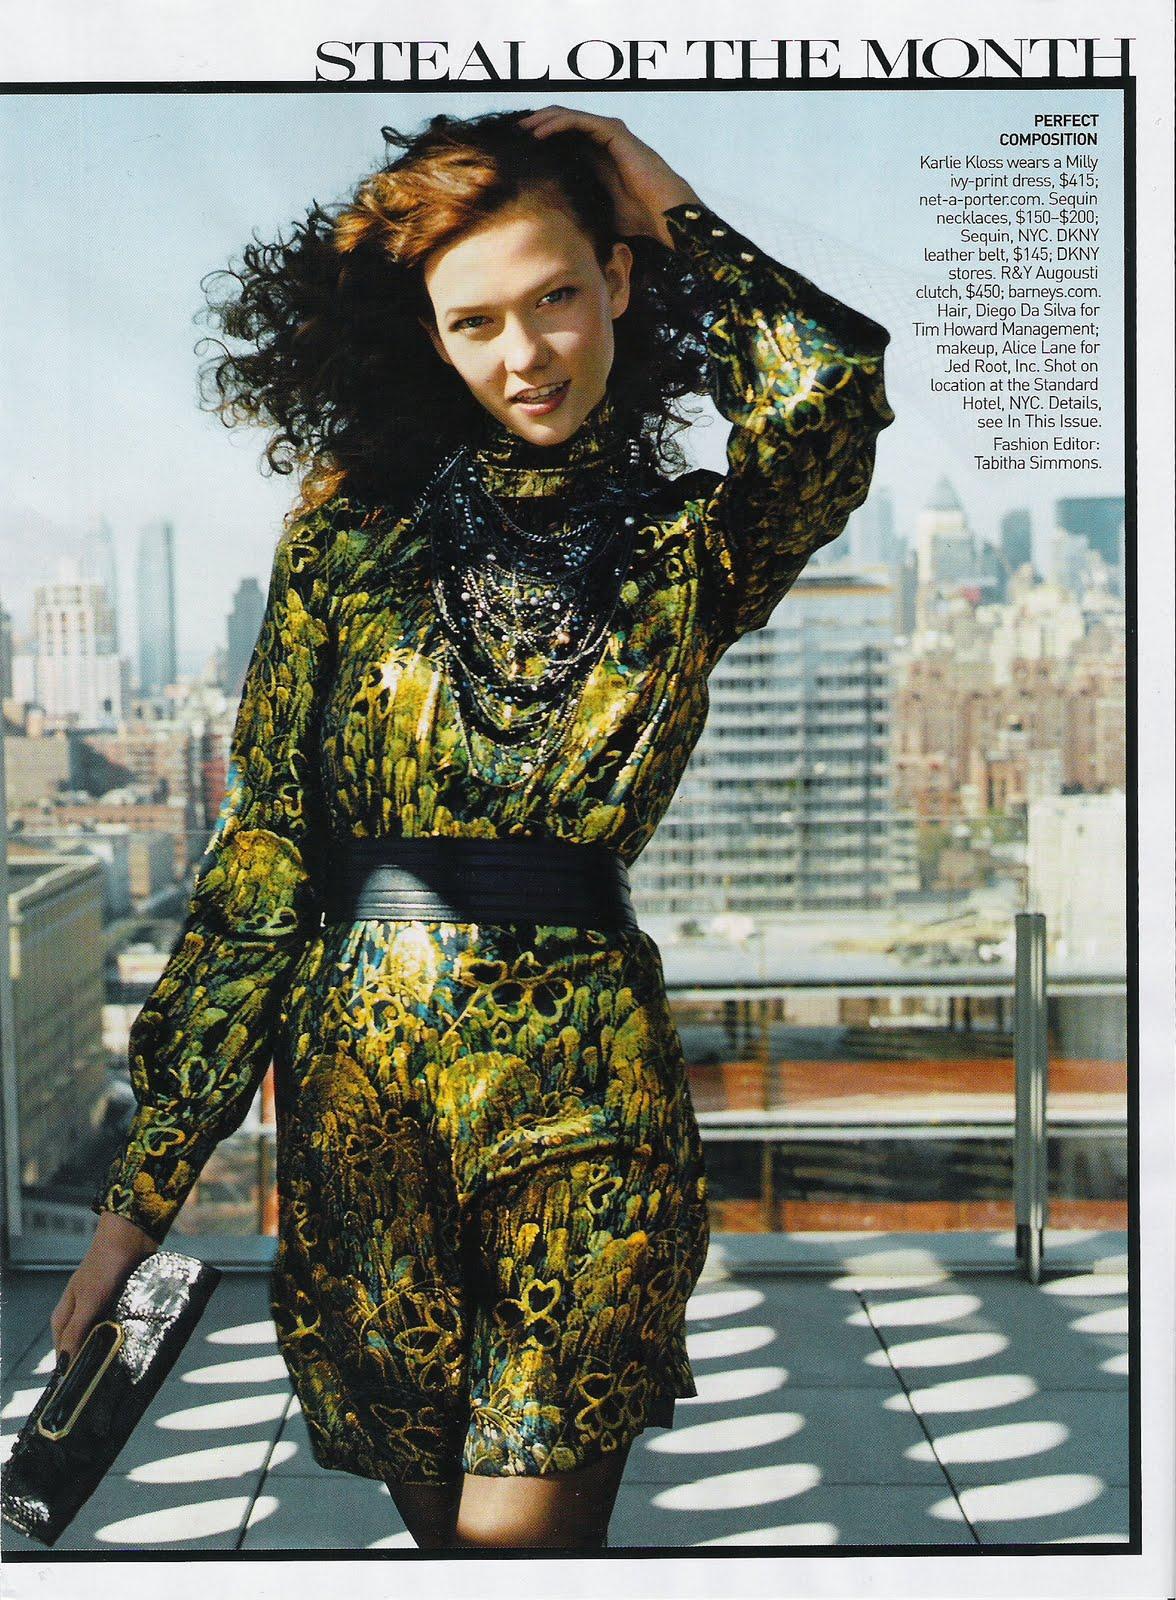 http://1.bp.blogspot.com/-oYC52CuE8d4/TbCBLcgNkUI/AAAAAAAAU0E/k27mUmii8xA/s1600/Kloss_Portrait_of_a_Dress_Jean_Roy_Vogue_US_August_09_02.jpg